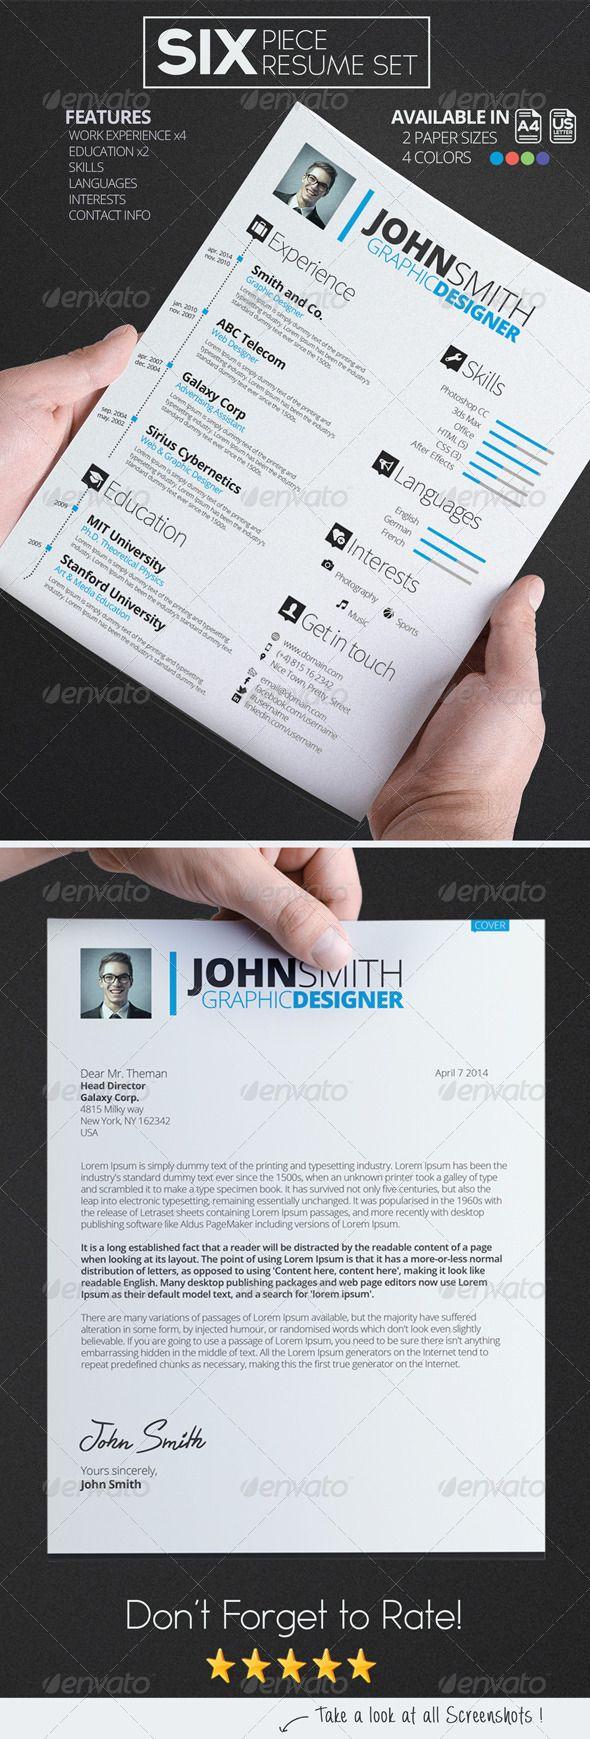 ResumeCV Set 237 best CV images on